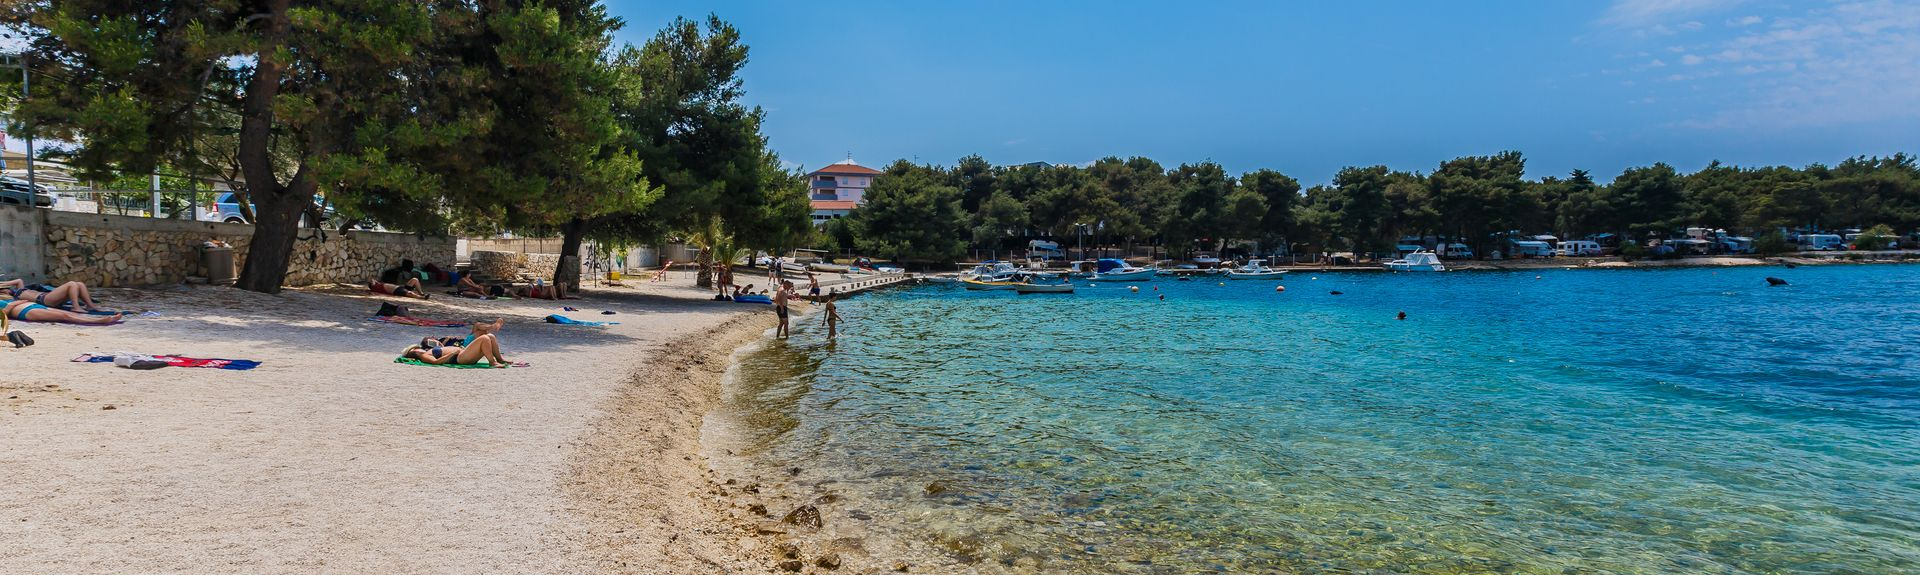 Marina, Split-Dalmatia, HR